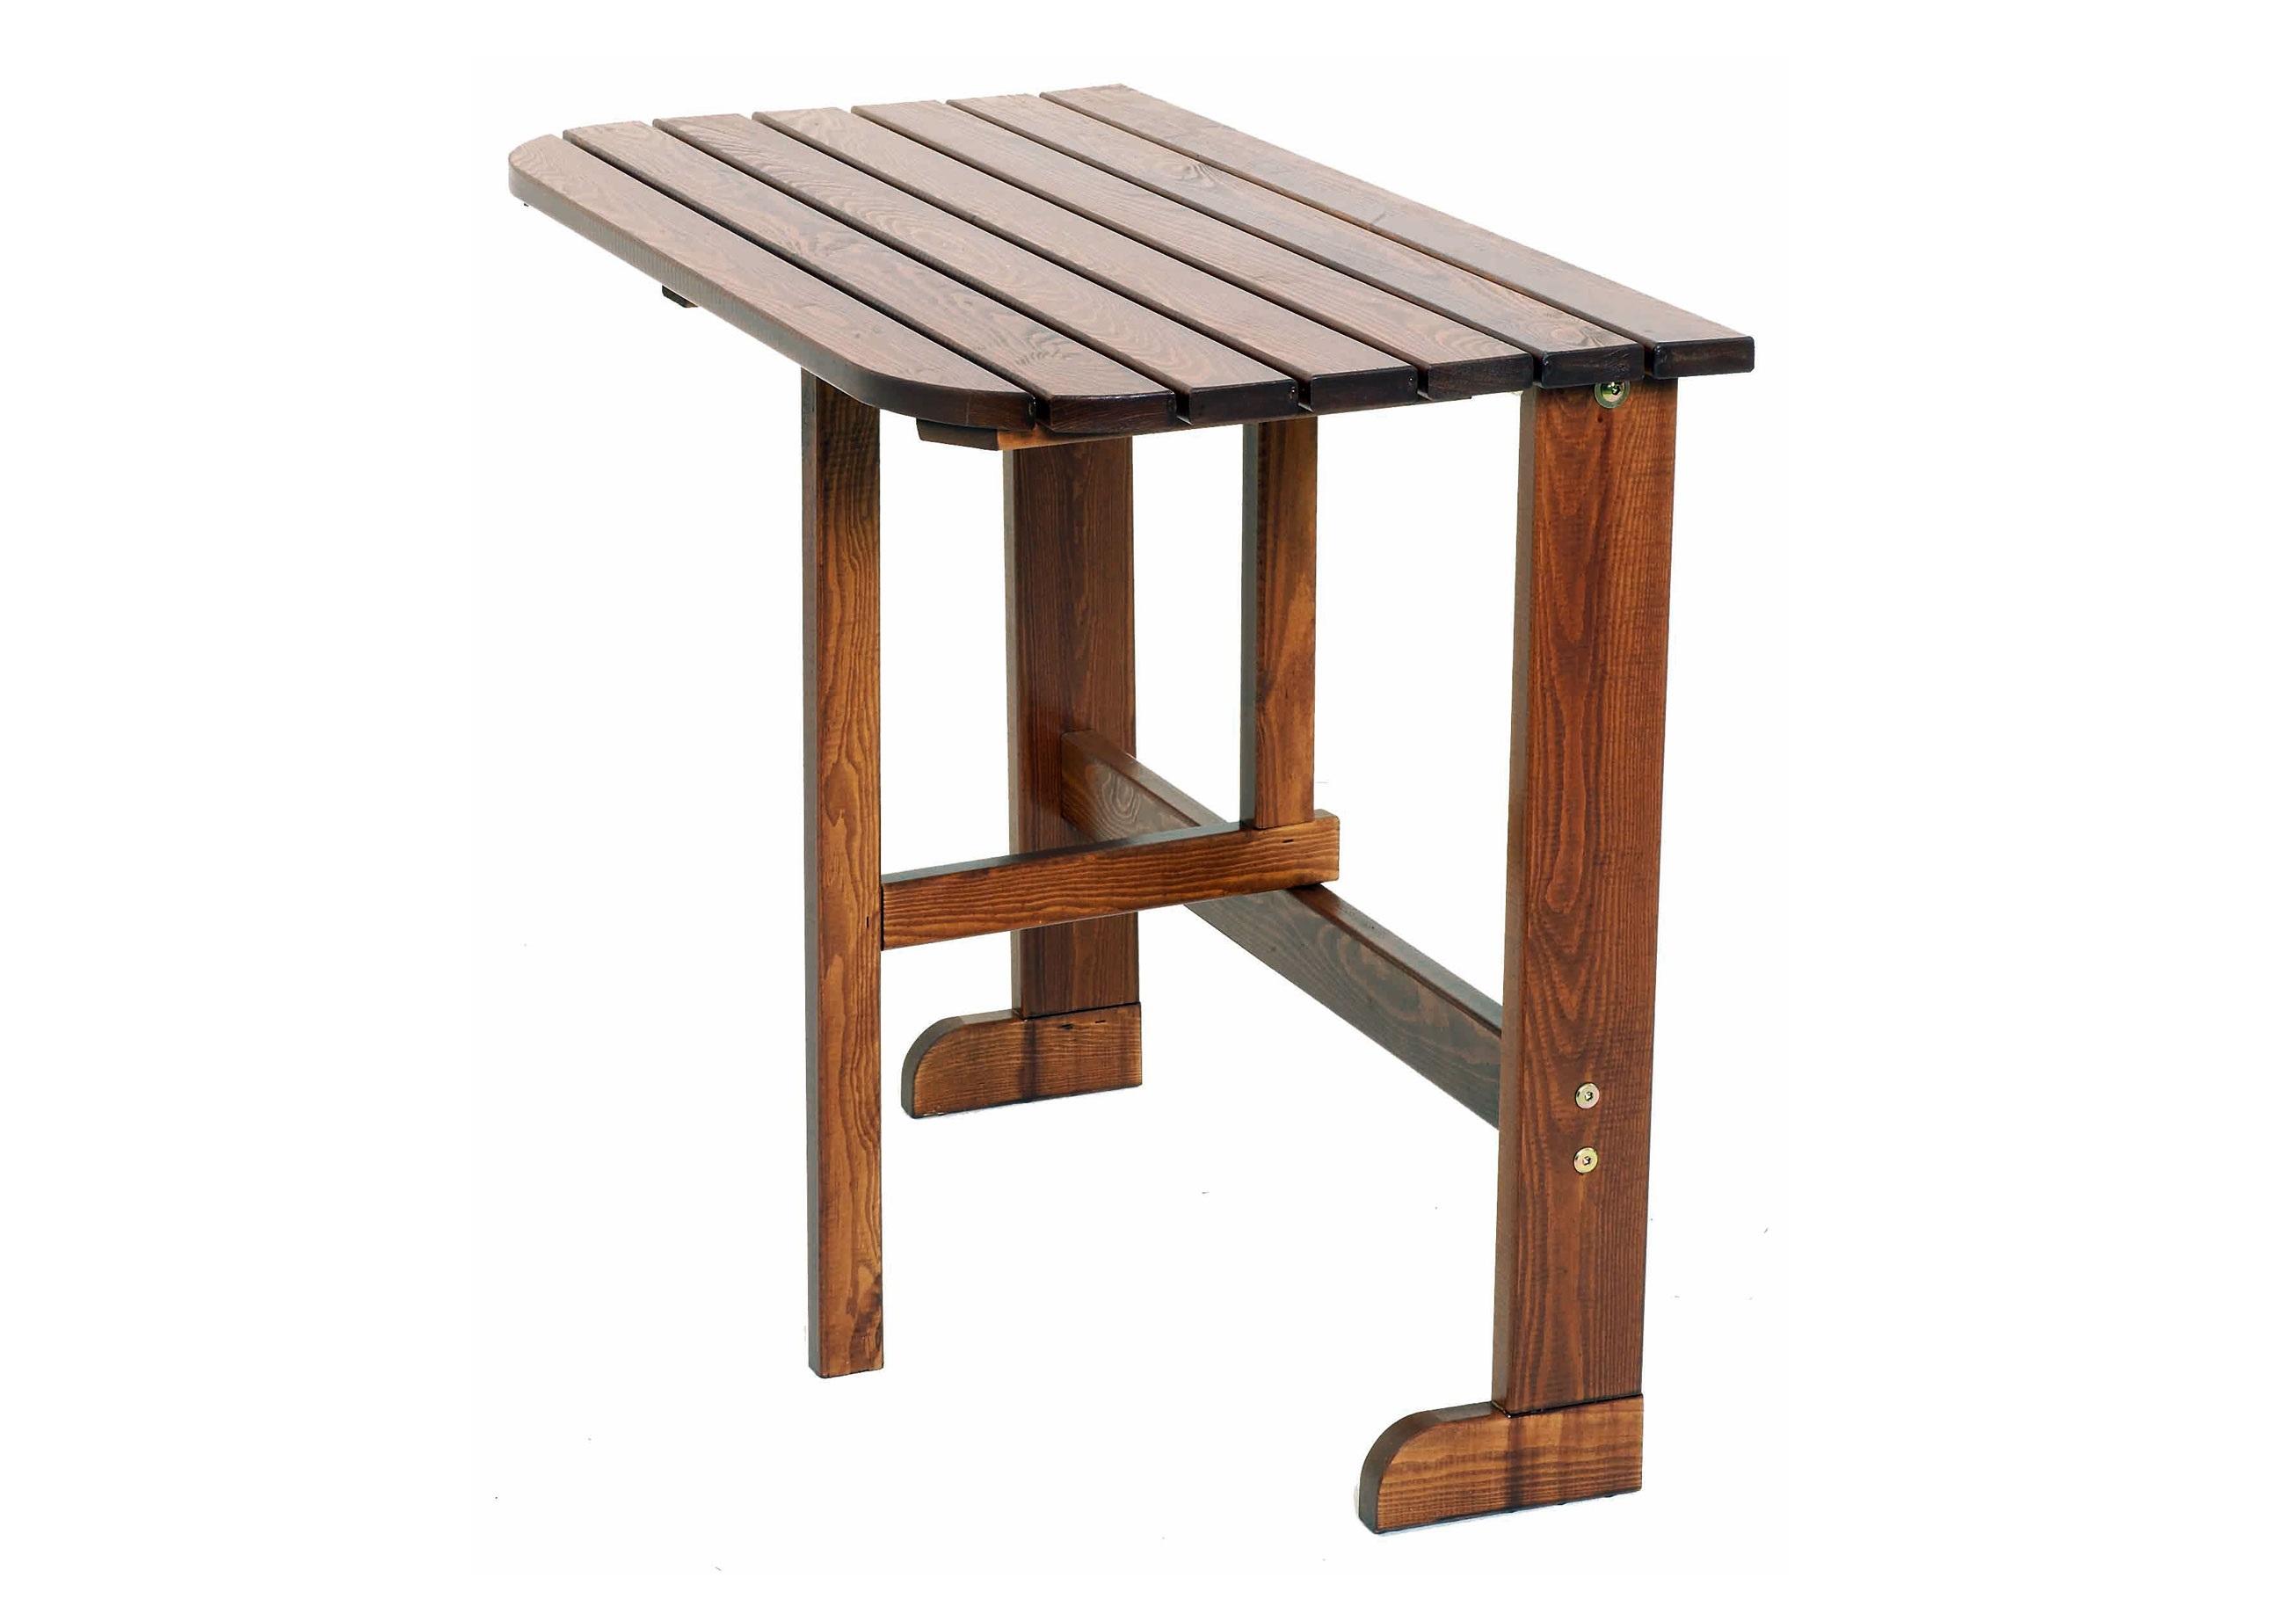 Балконный столик TwiggyПриставные столики<br>Приставной столик Twiggy выполнен из массива сосны, окрашенного в цвет капучино. Если вы захотите почитать любимую книгу на свежем воздухе или на балконе, то этот столик именно то, что Вам нужно. Столик быстро и компактно складывается, что позволит Вам хранить его без сильных потерь свободного пространства.<br><br>Material: Дерево<br>Length см: None<br>Width см: 90<br>Depth см: 50<br>Height см: 71